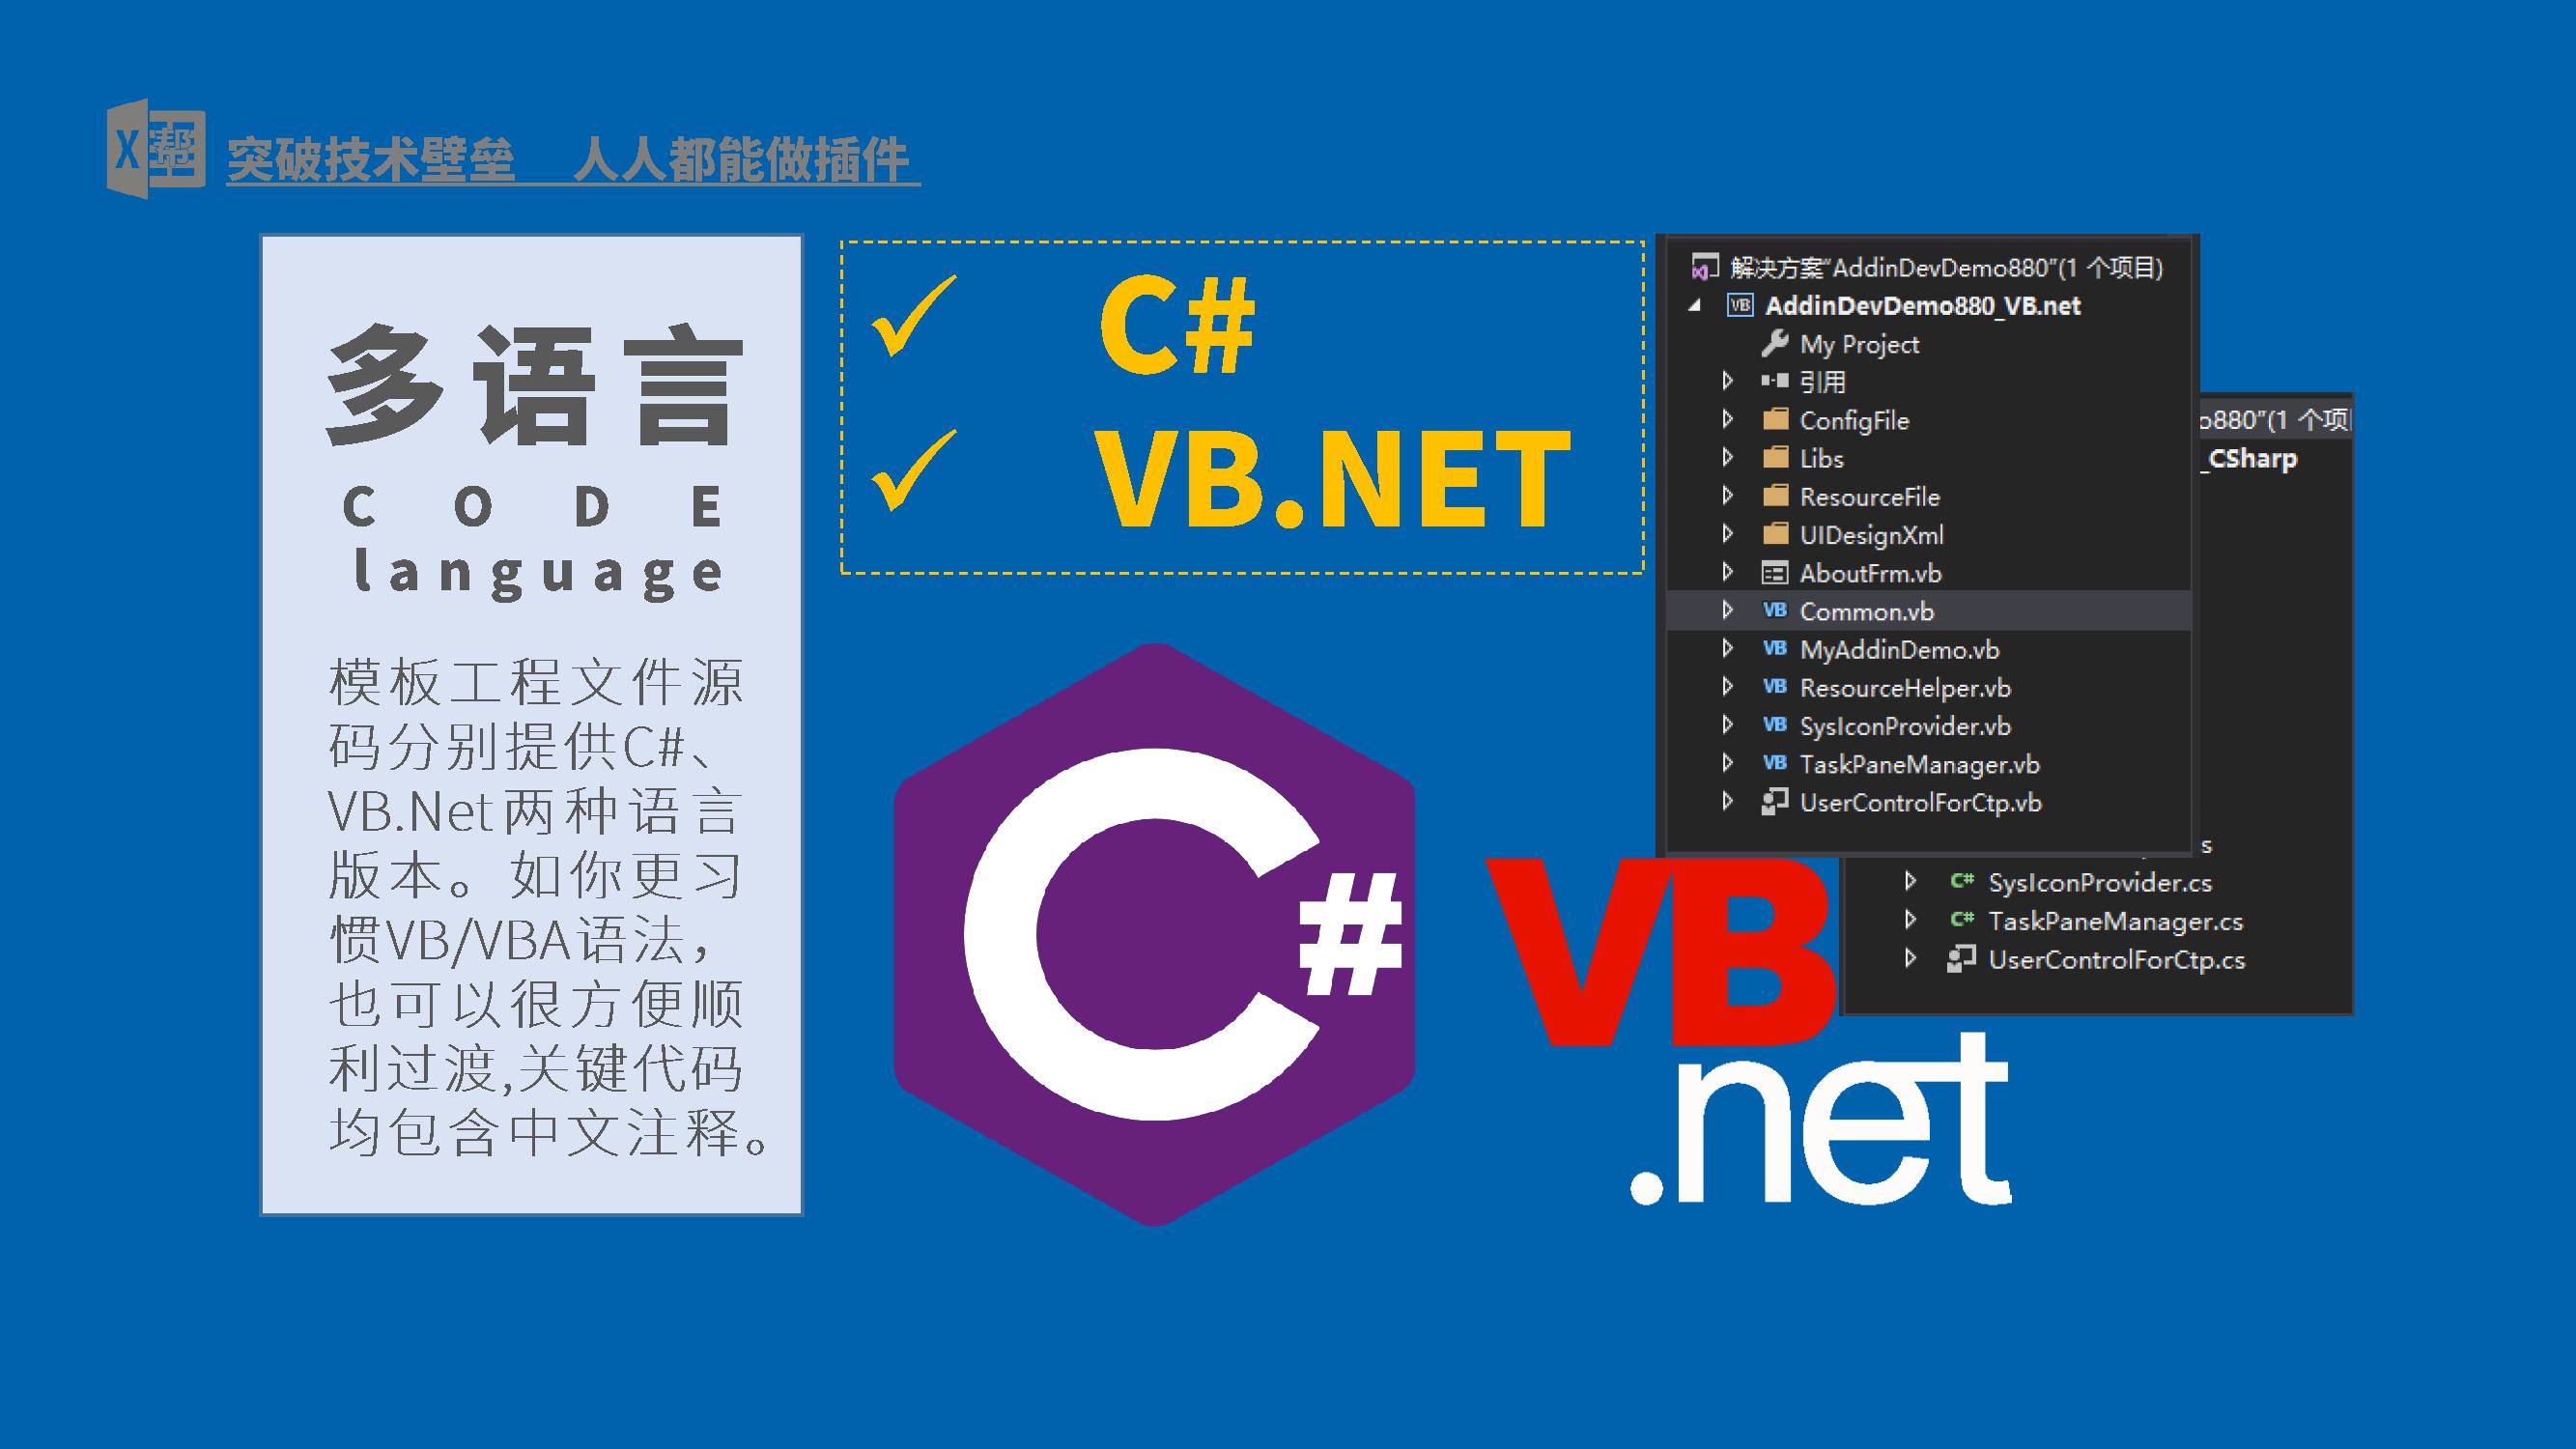 For vb 文 net